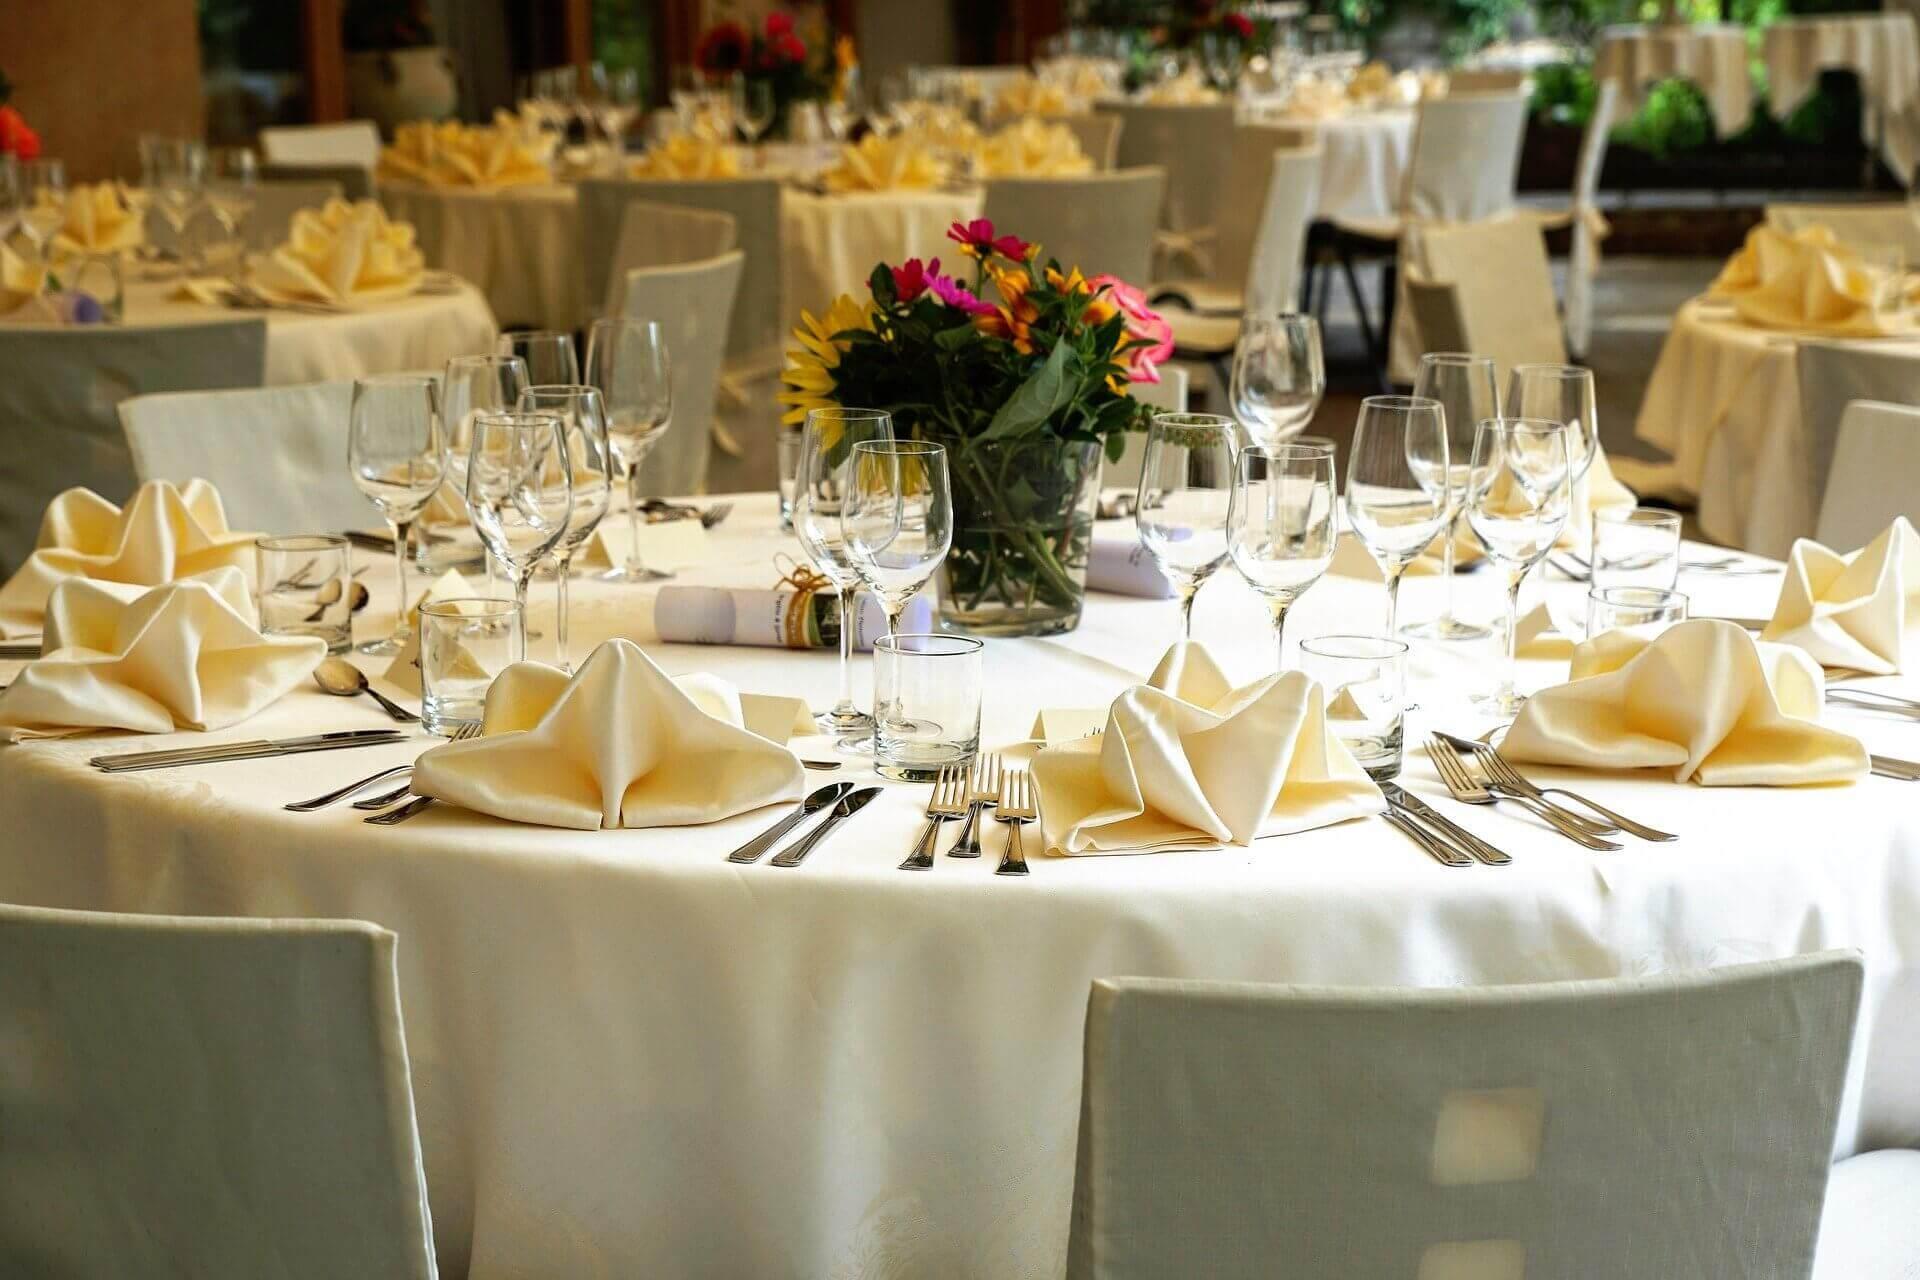 tablecloth 3336687 1920